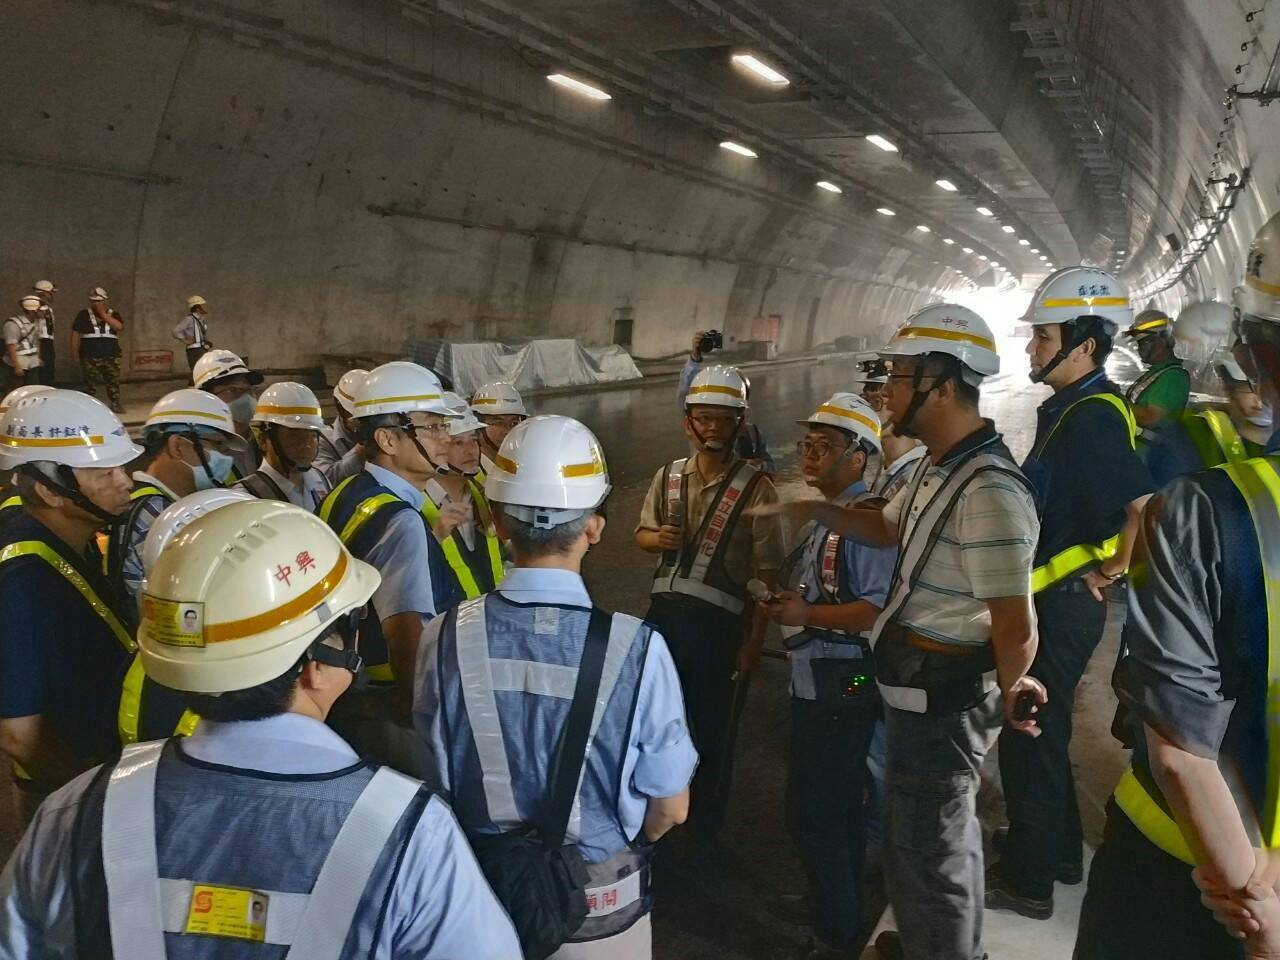 蘇花改工程處今日於「中仁隧道」與「仁水隧道」實施防災演練。圖/蘇花改工程處提供